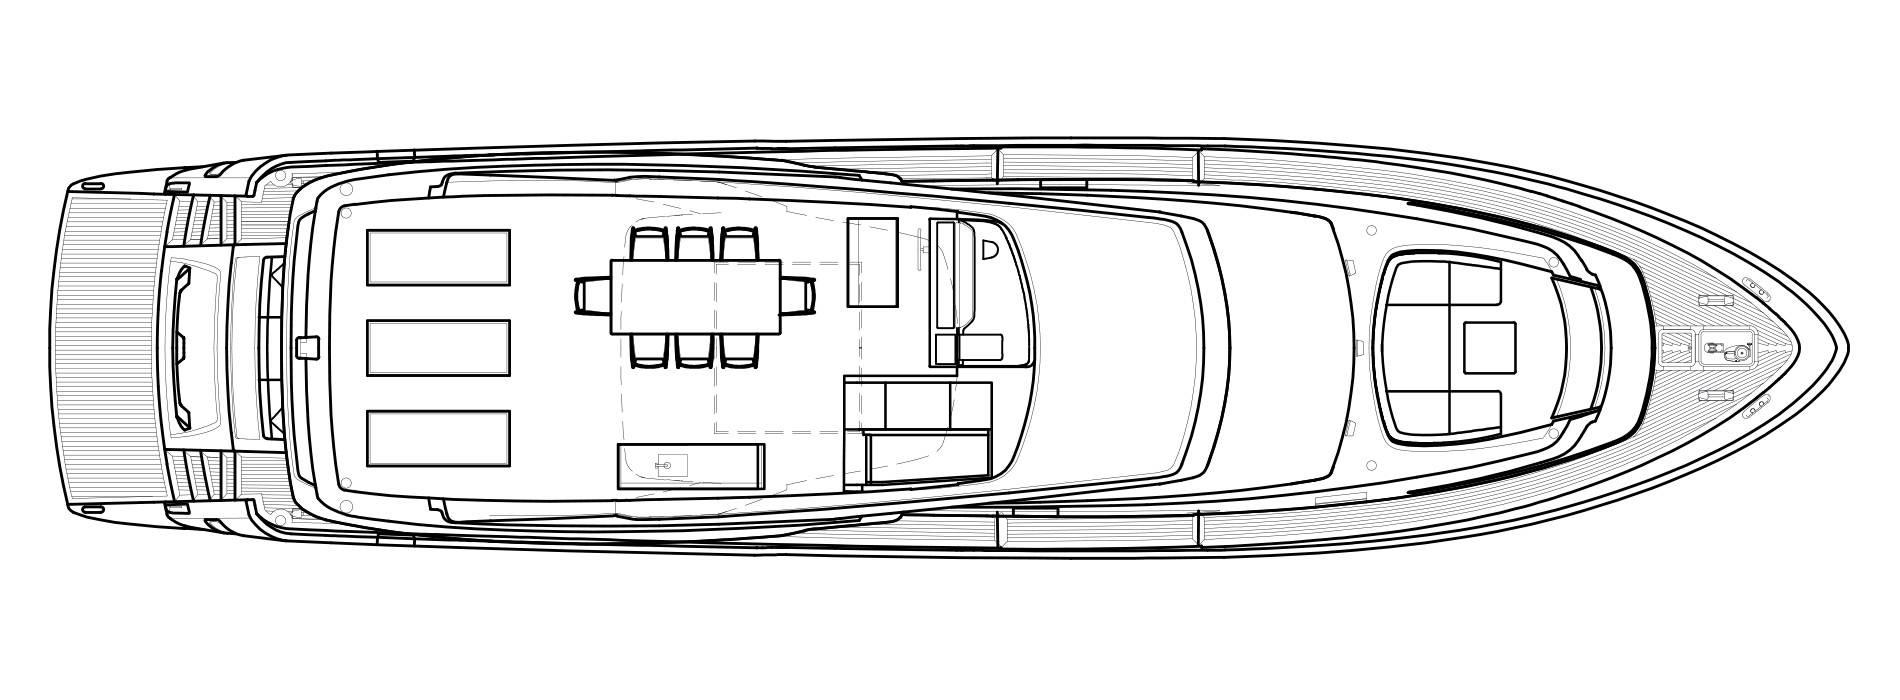 Sanlorenzo Yachts SL78 Außendeck